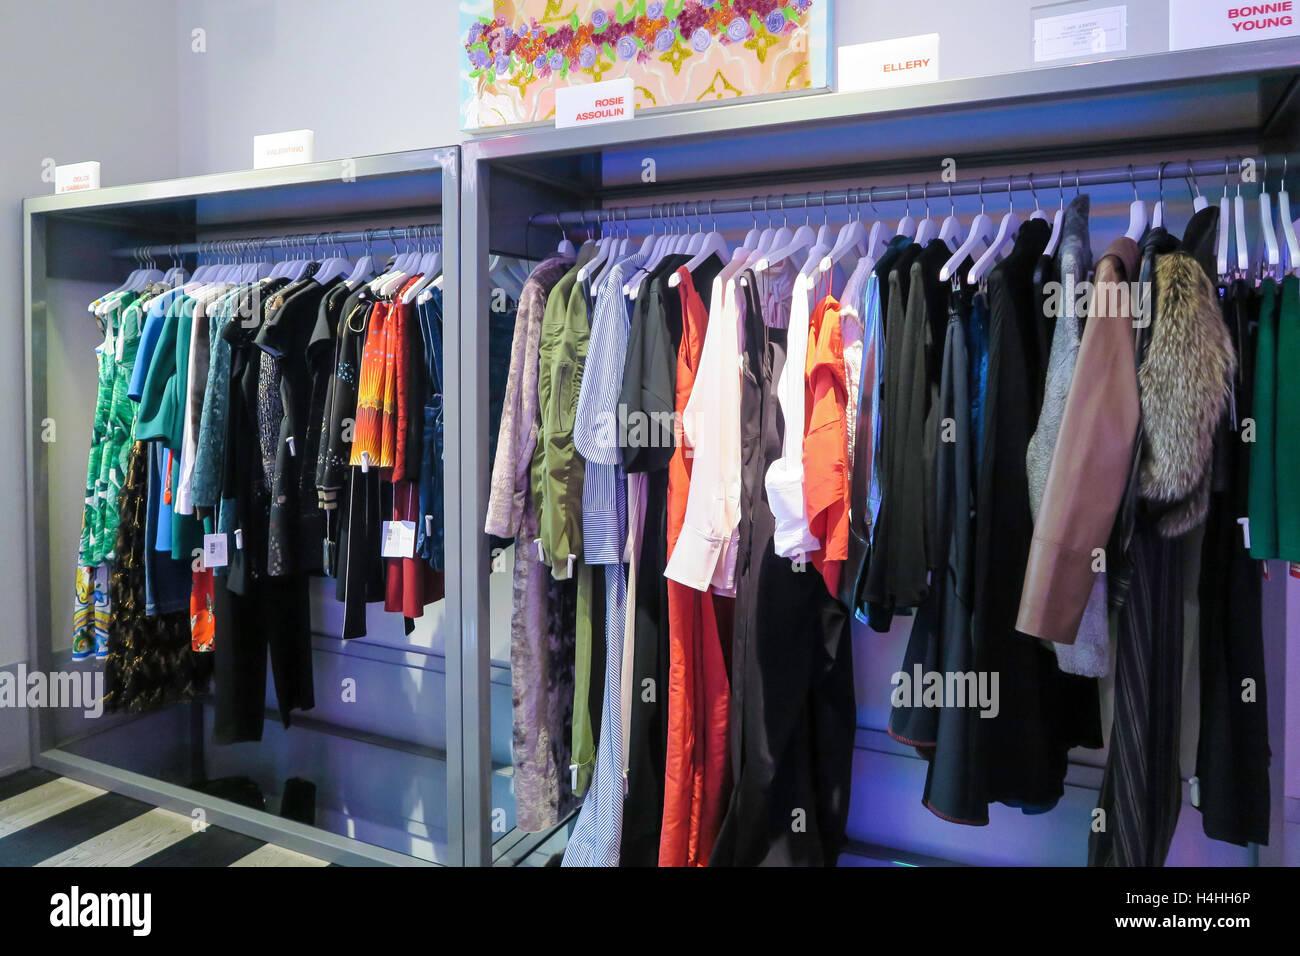 Kirna Zabete Designer Shop In Stock Photos & Kirna Zabete